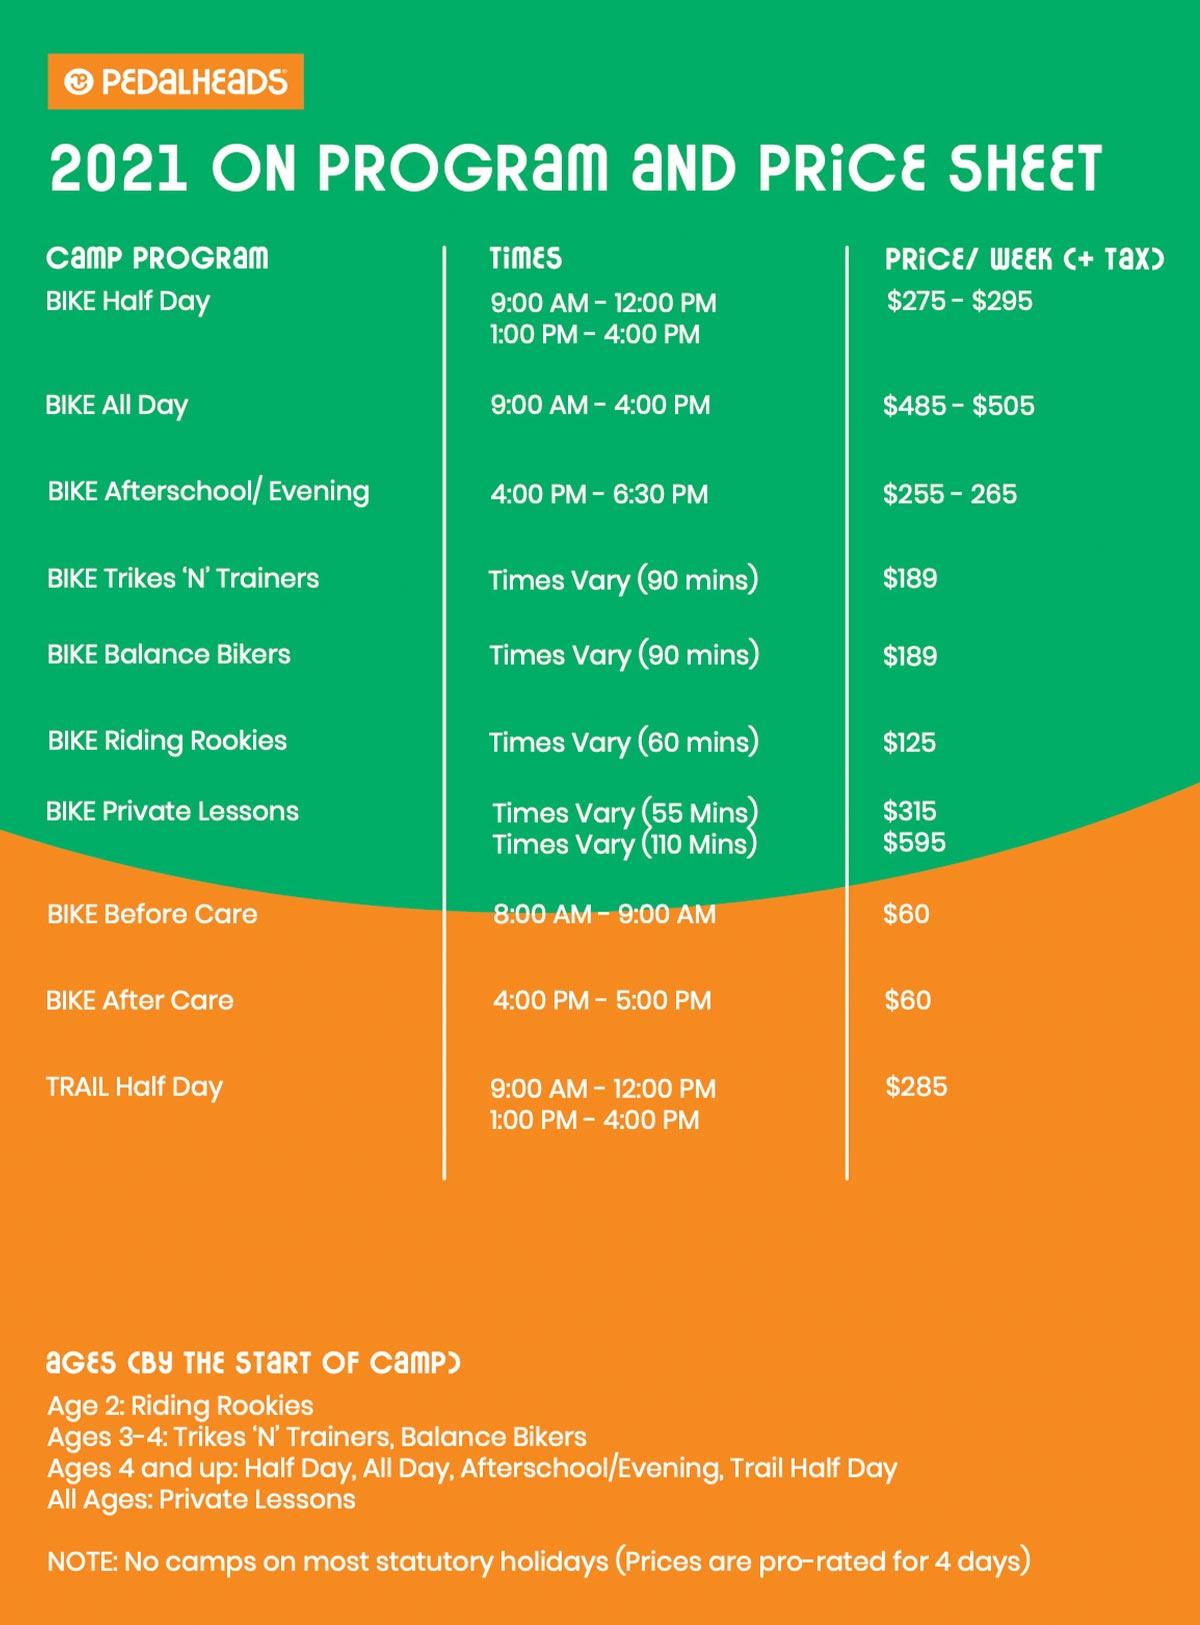 Ontario Price Sheet